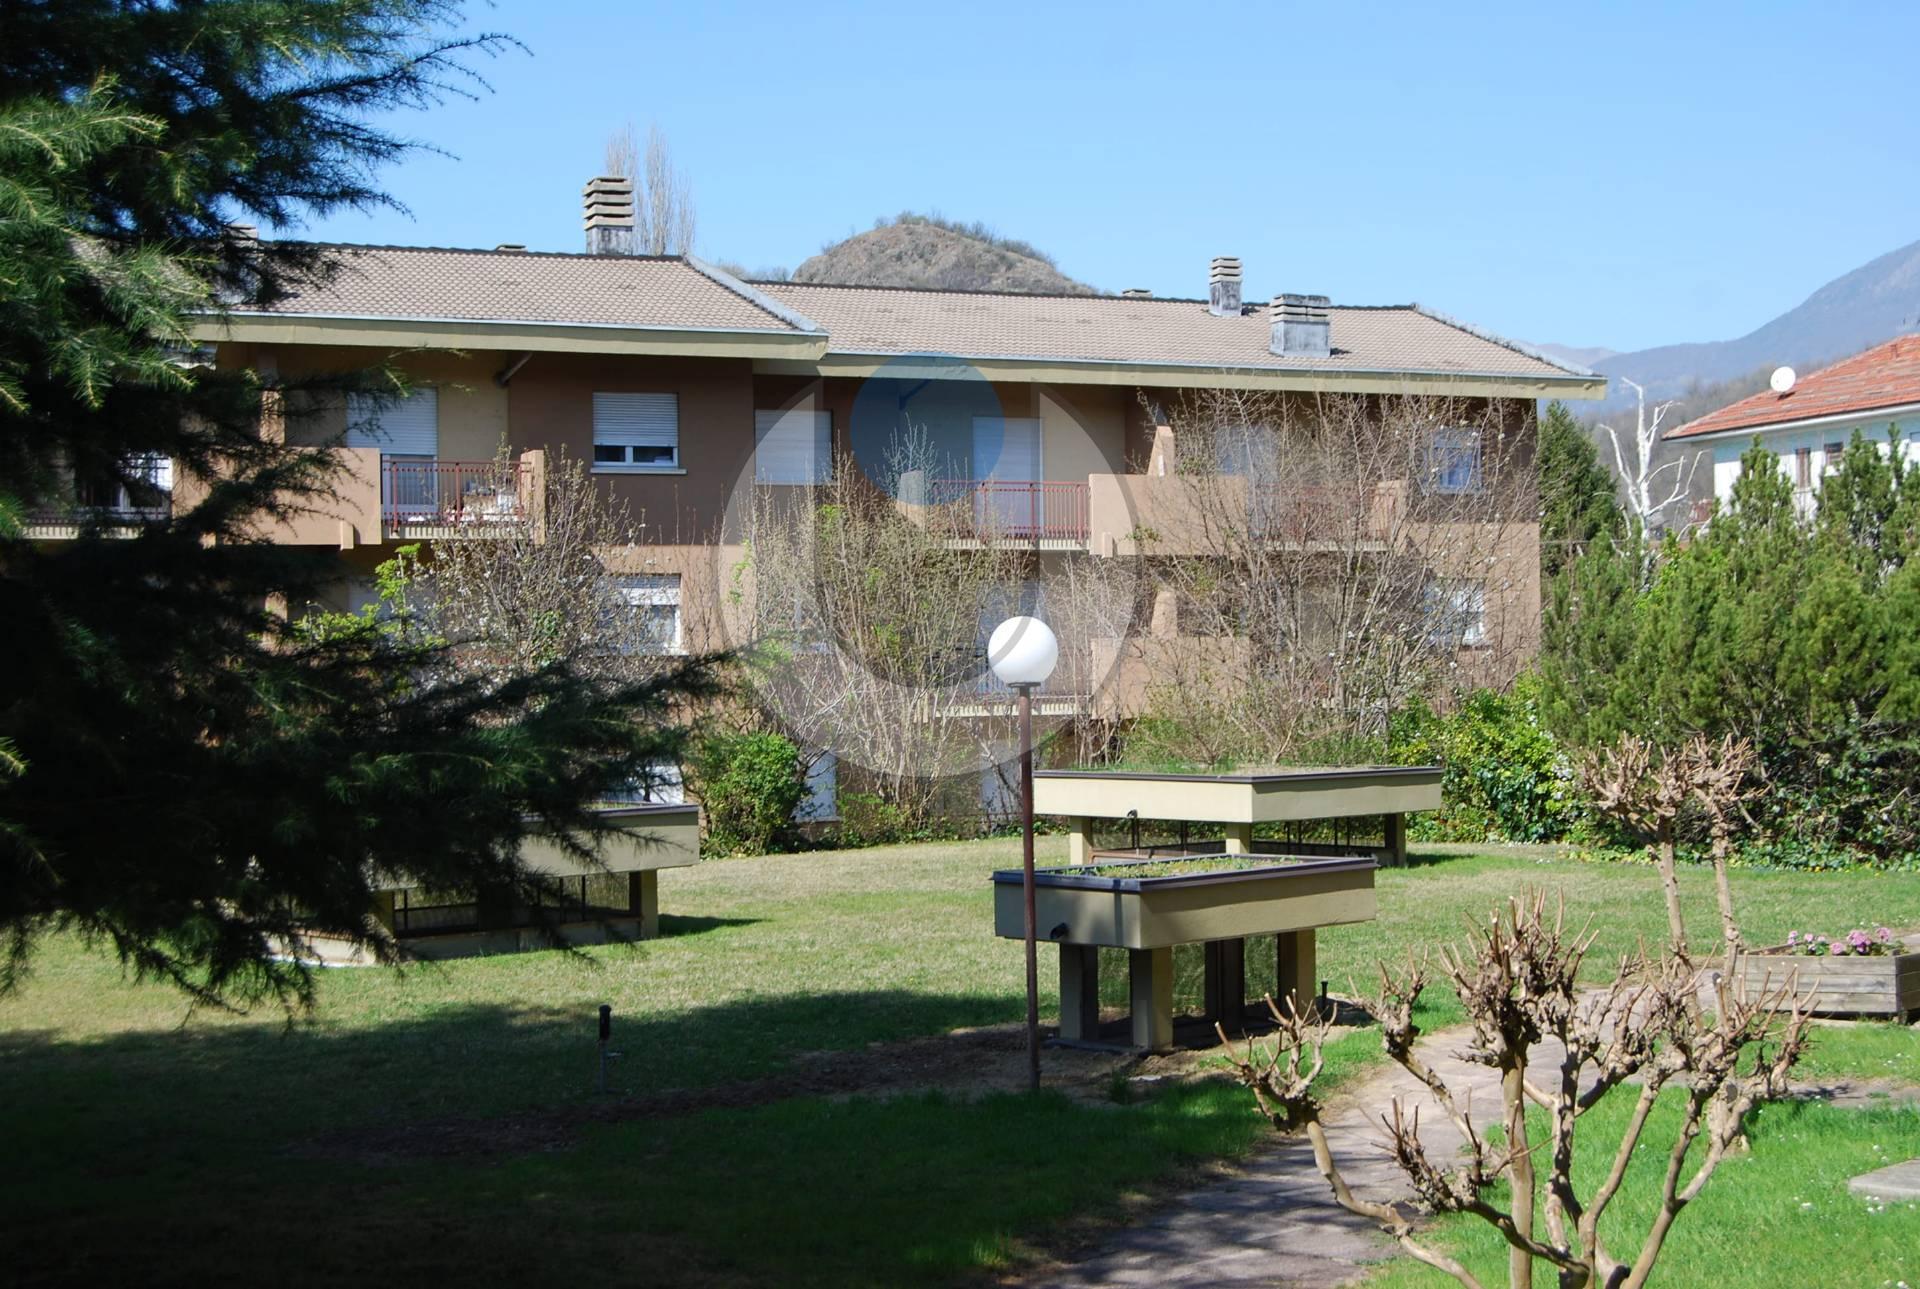 Appartamento in affitto a Avigliana, 3 locali, zona Località: Laghi, prezzo € 500   PortaleAgenzieImmobiliari.it